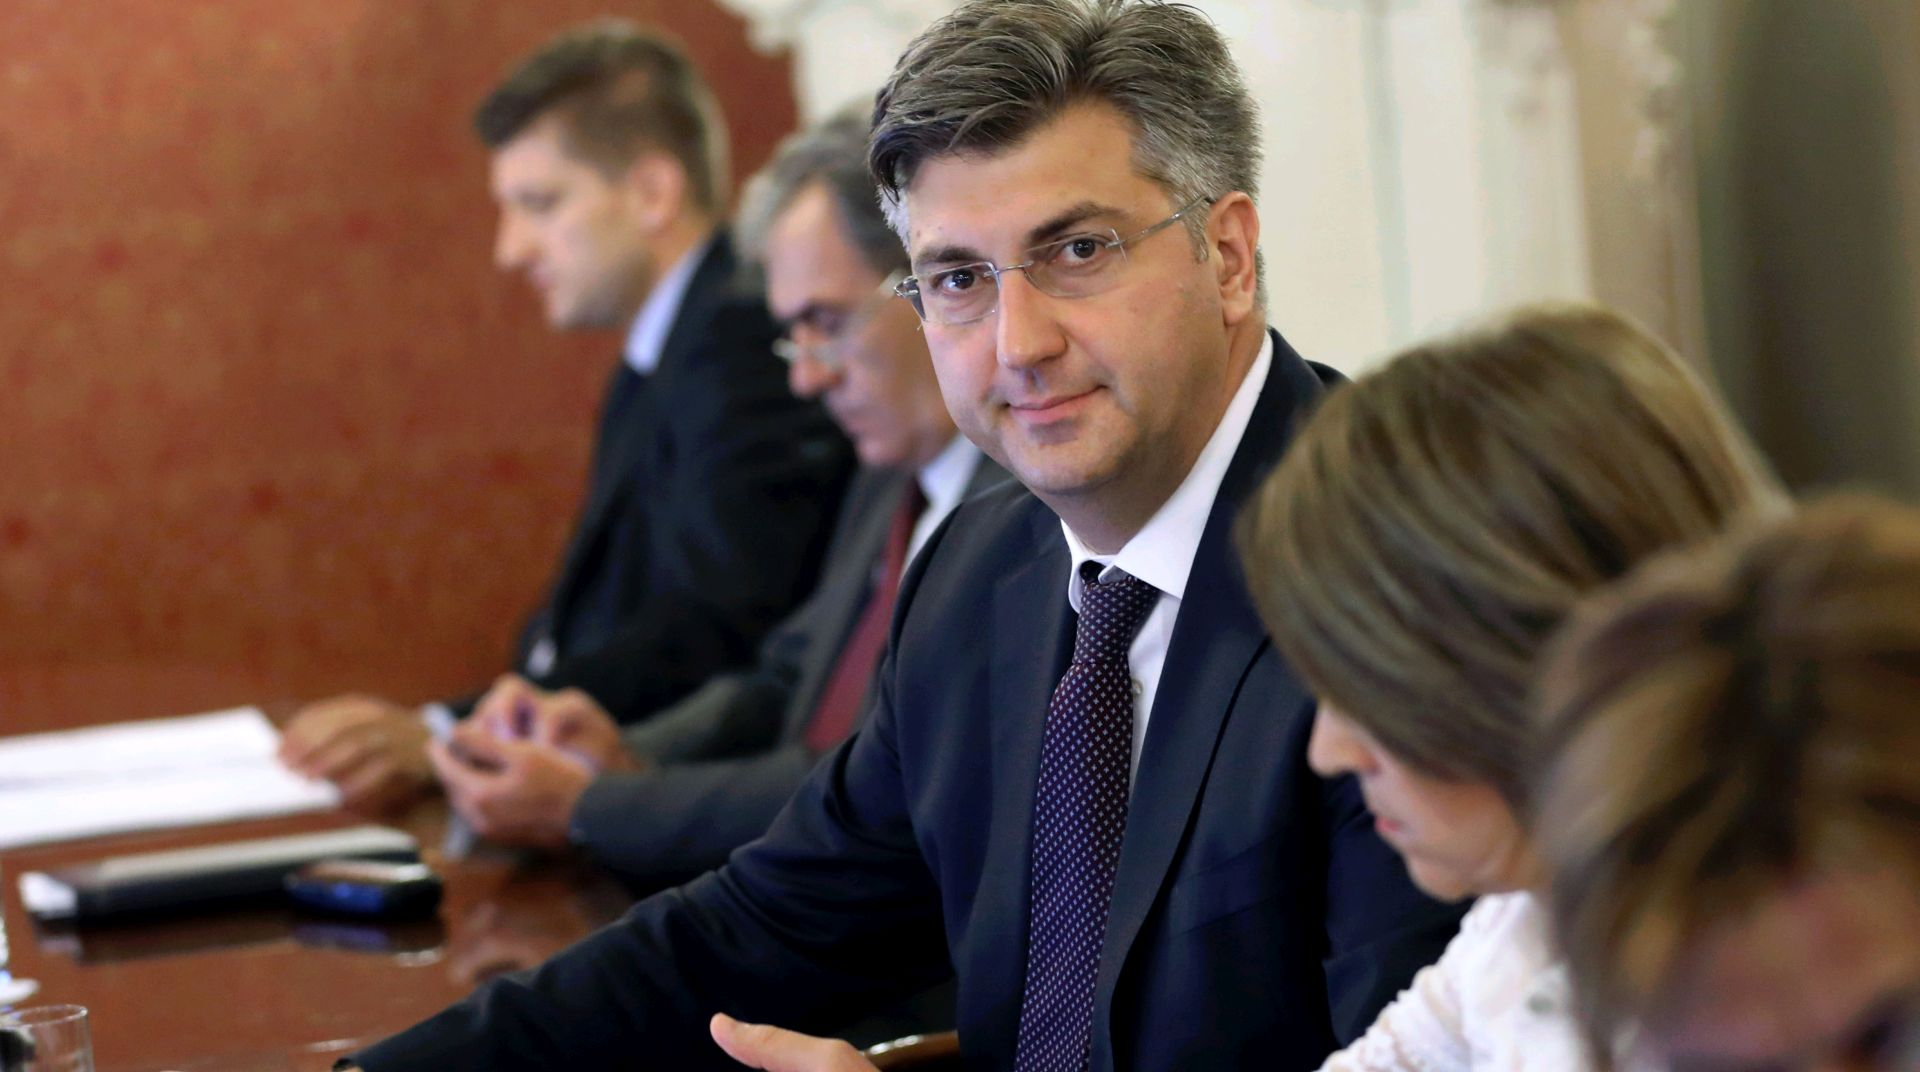 IJF: Za dugoročno smanjenje deficita Vlada mora pokrenuti neophodne reforme i ne popuštati pritiscima